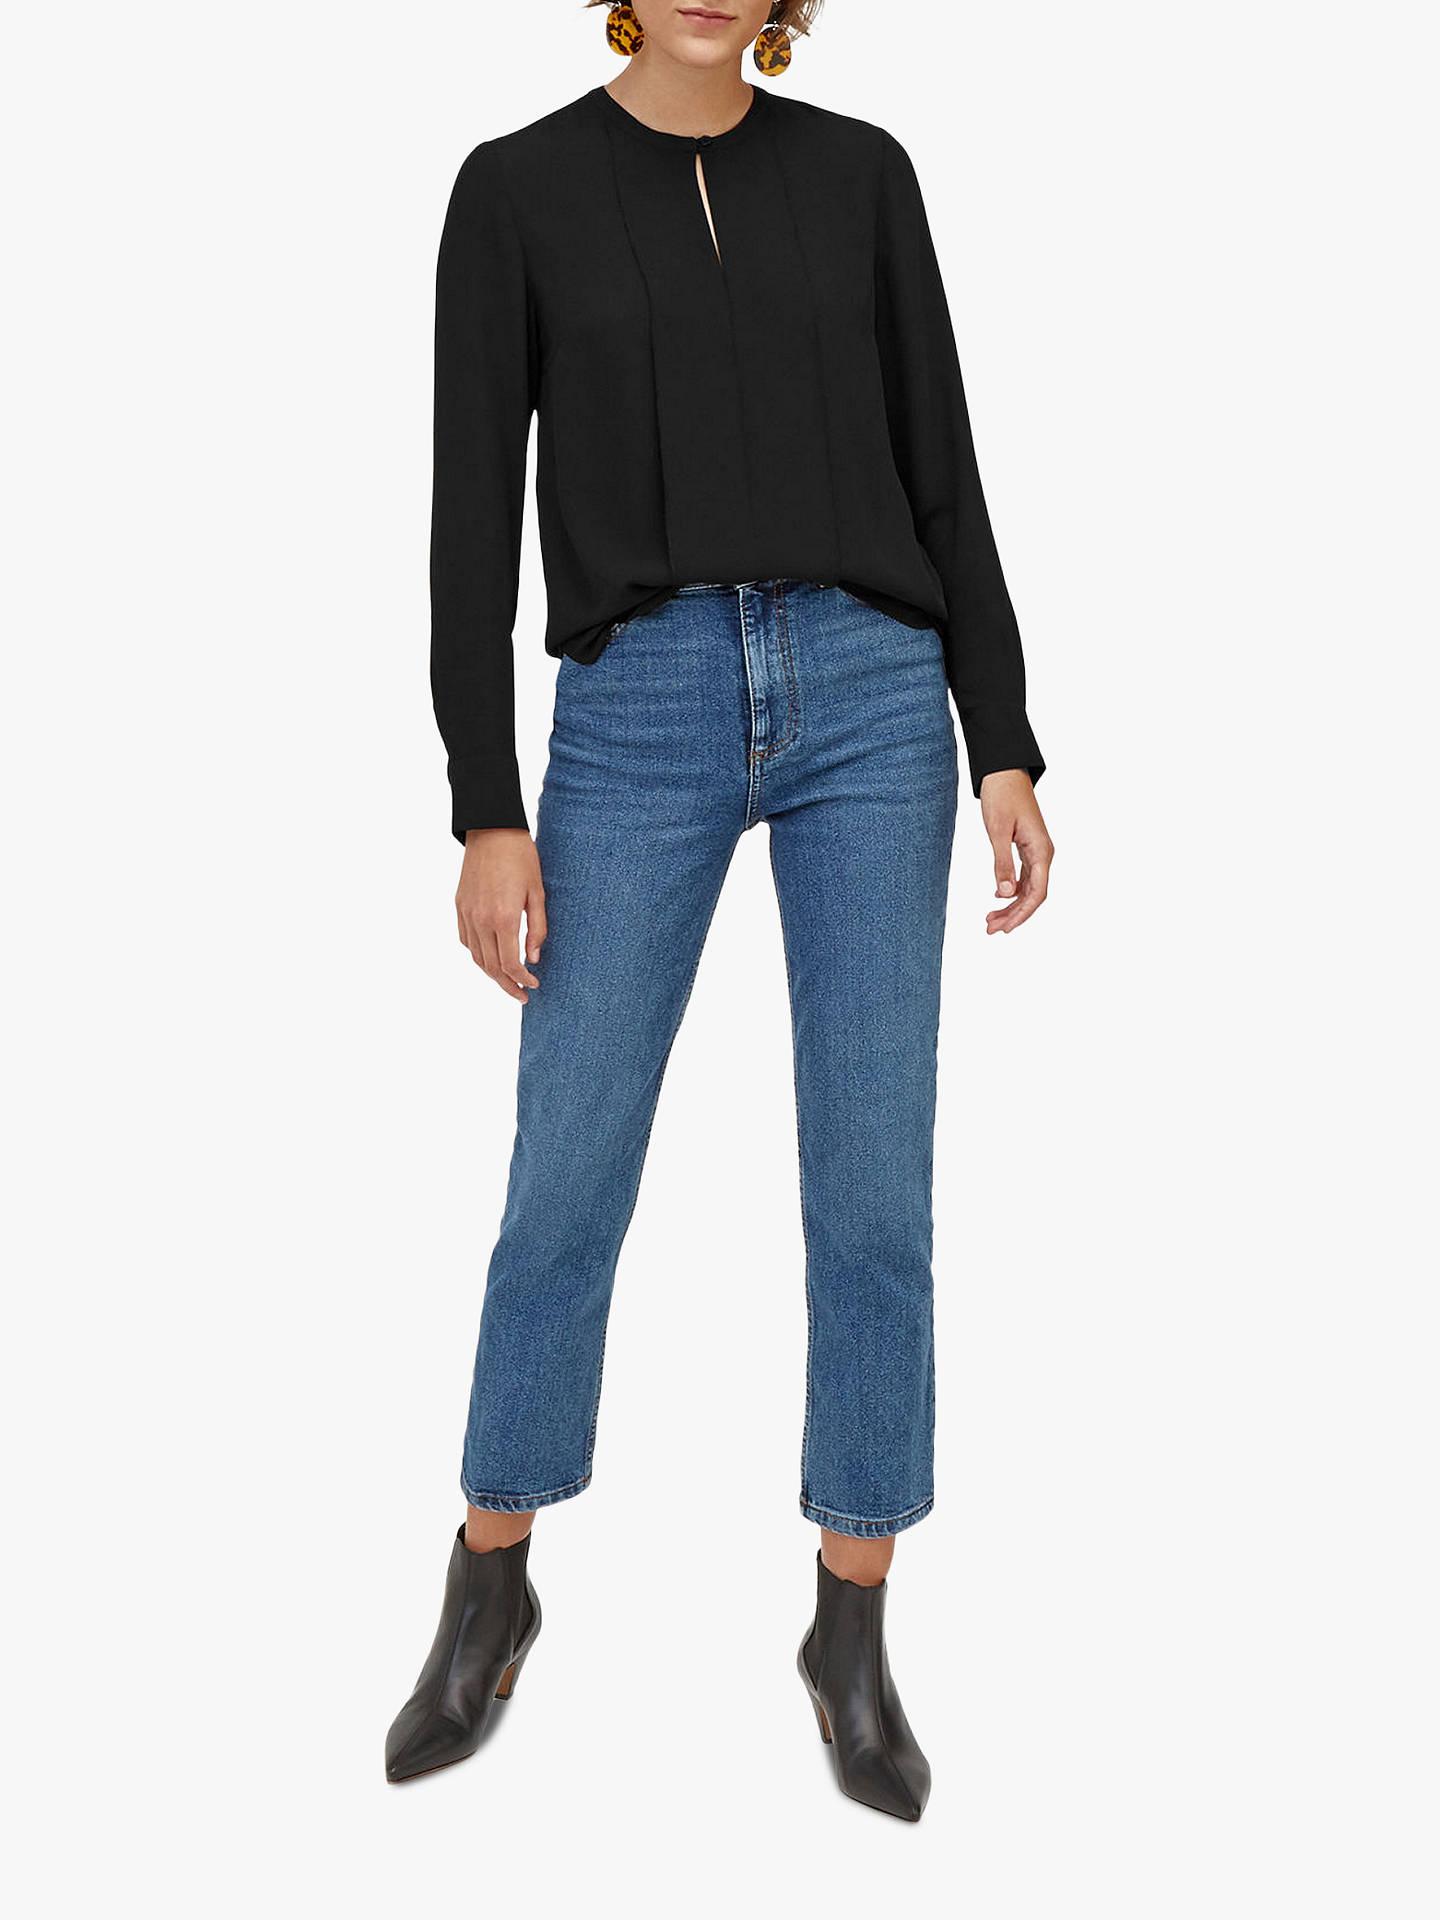 8955c5dea820d6 Buy Warehouse Plain Button Blouse, Black, 6 Online at johnlewis.com ...